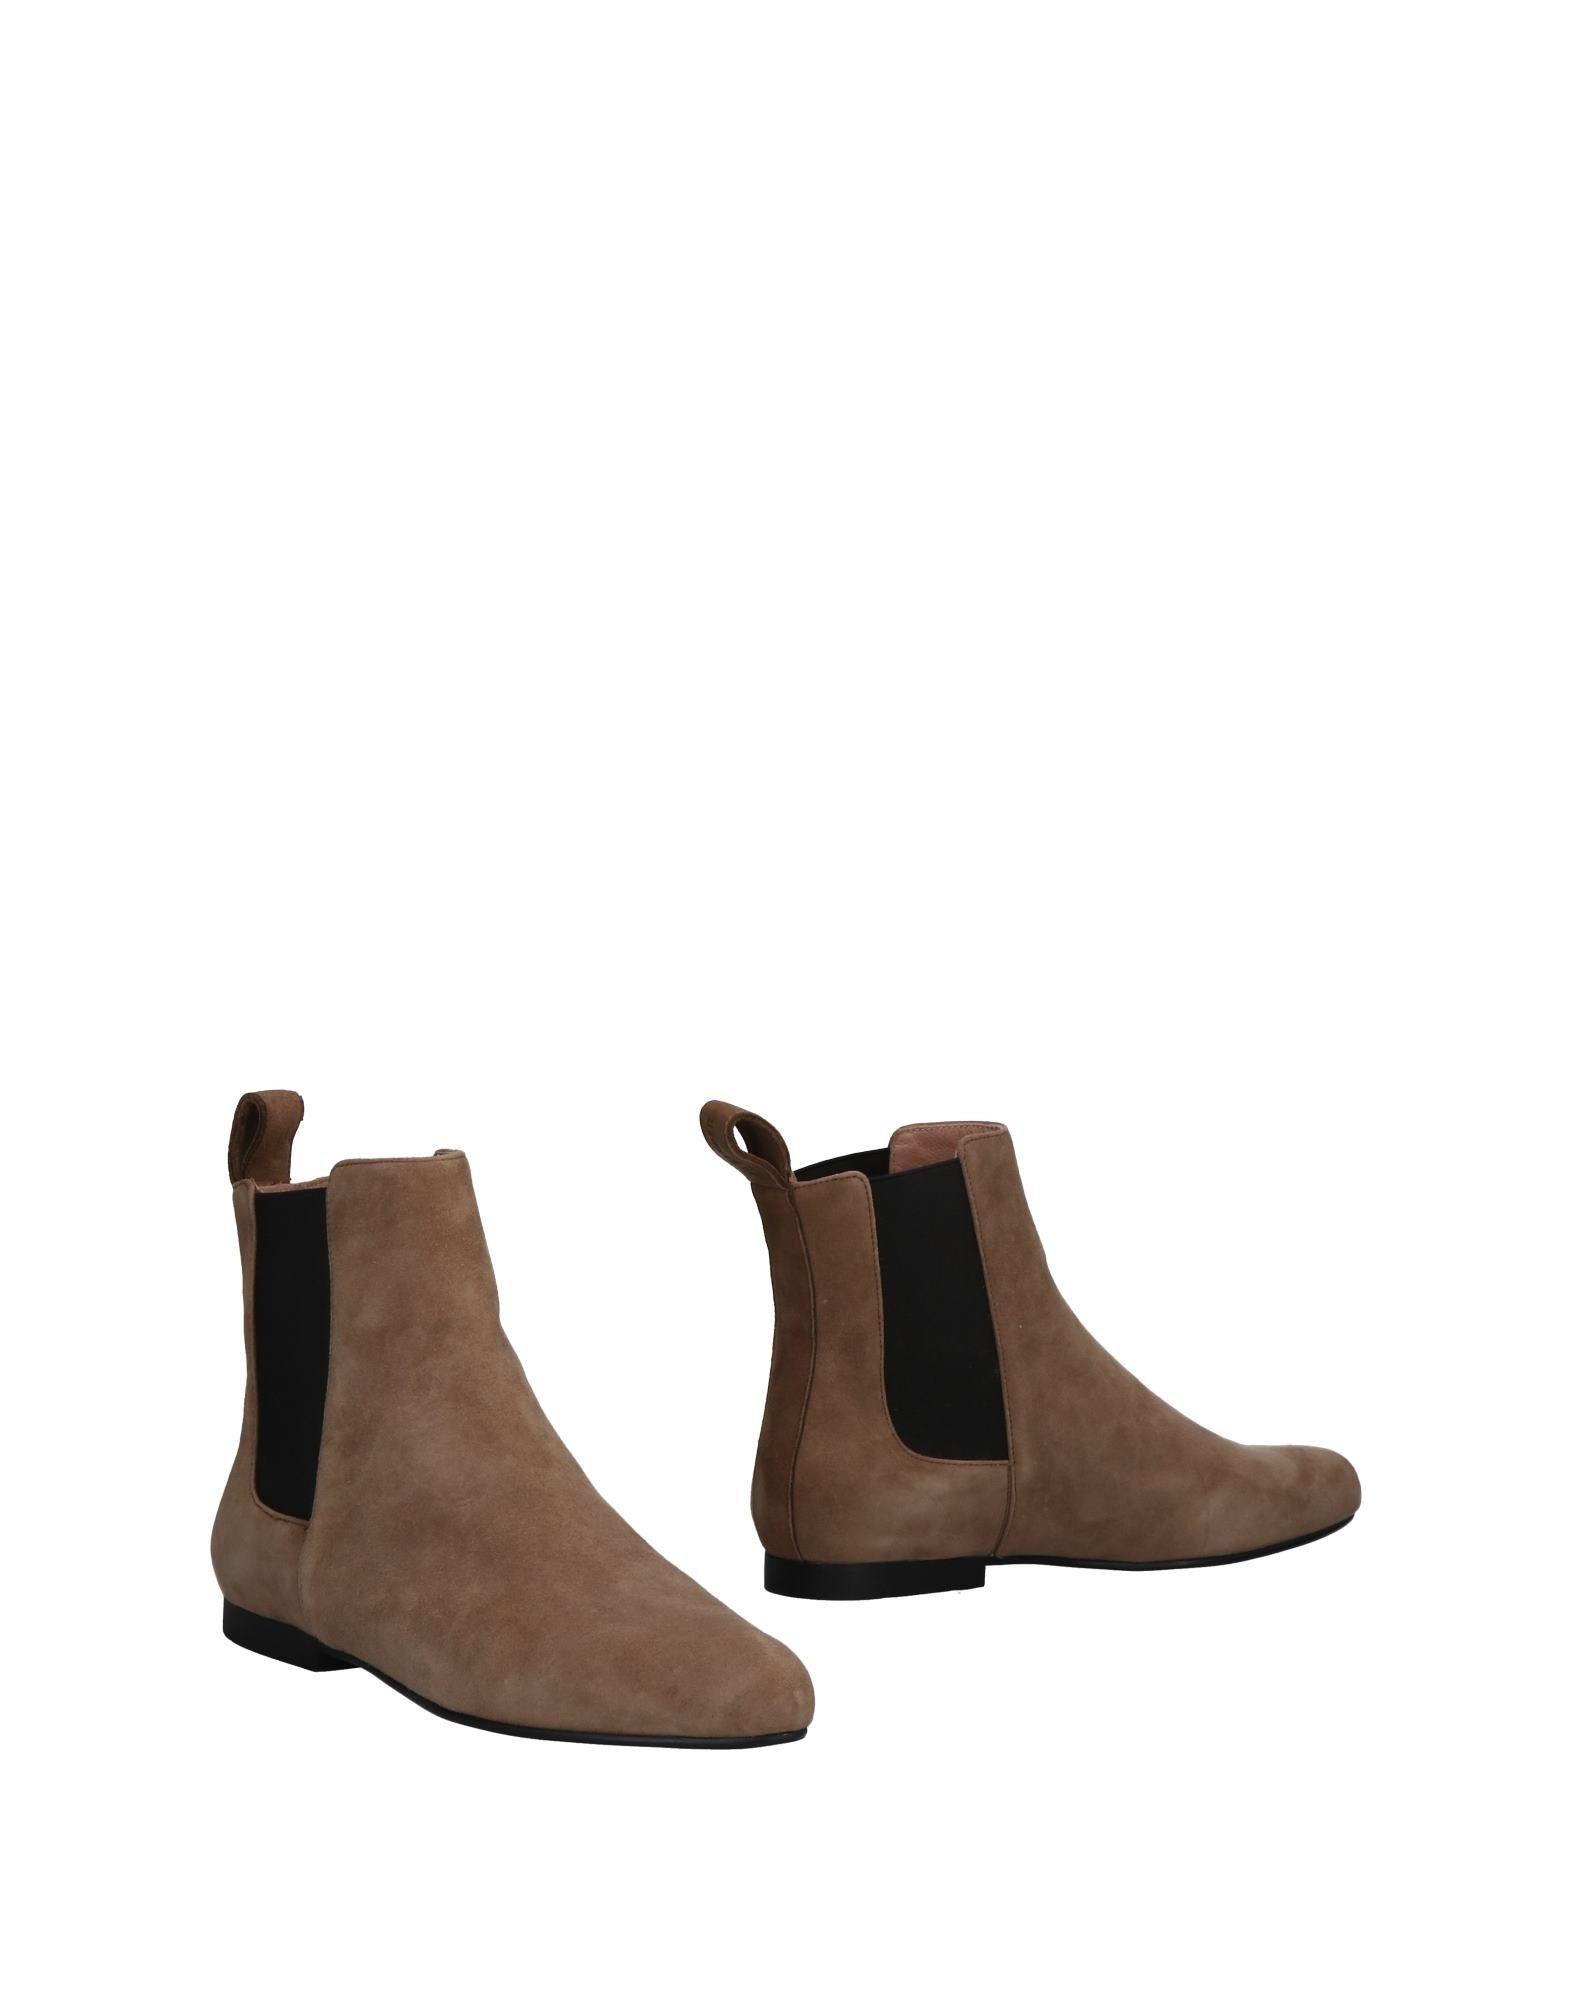 Jil Sander Navy Chelsea Boots Damen  11491532TDGut aussehende strapazierfähige Schuhe